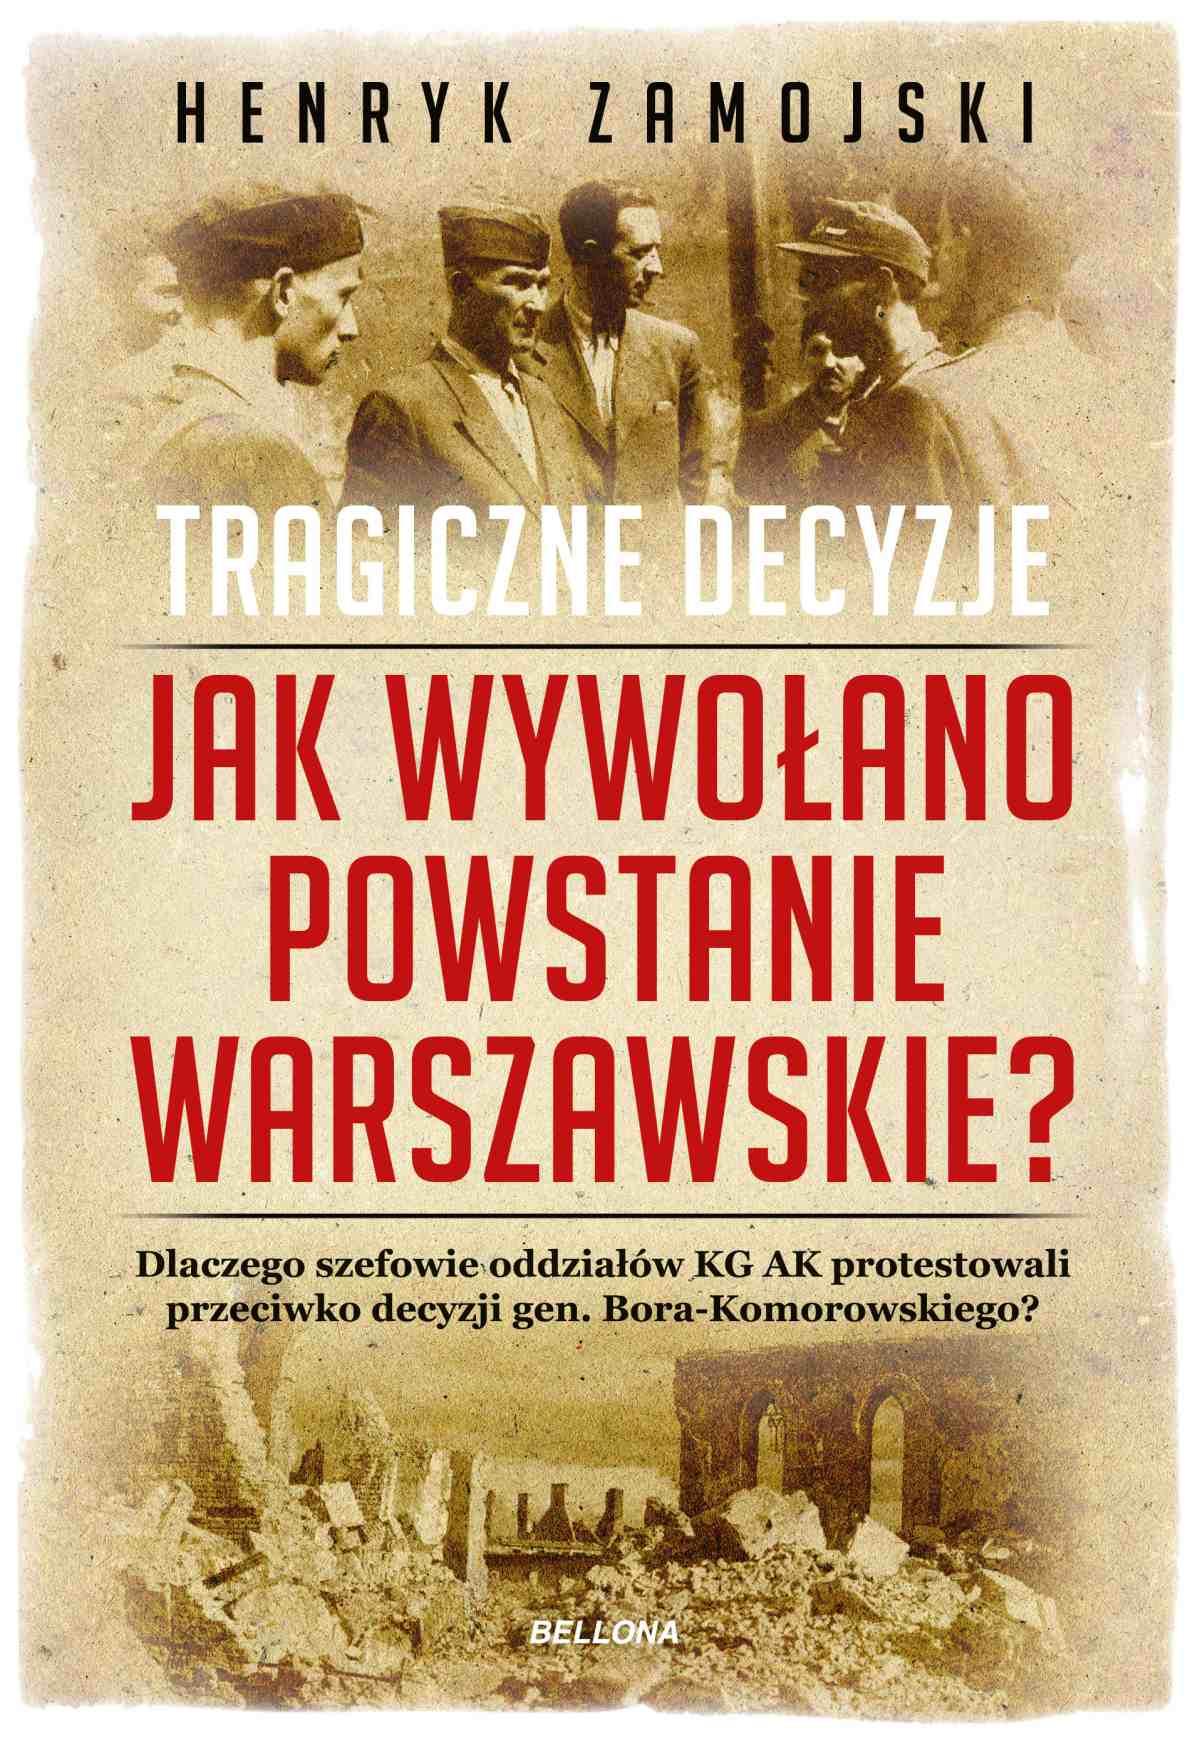 Jak wywołano powstanie warszawskie. Tragiczne dzieje - Ebook (Książka EPUB) do pobrania w formacie EPUB